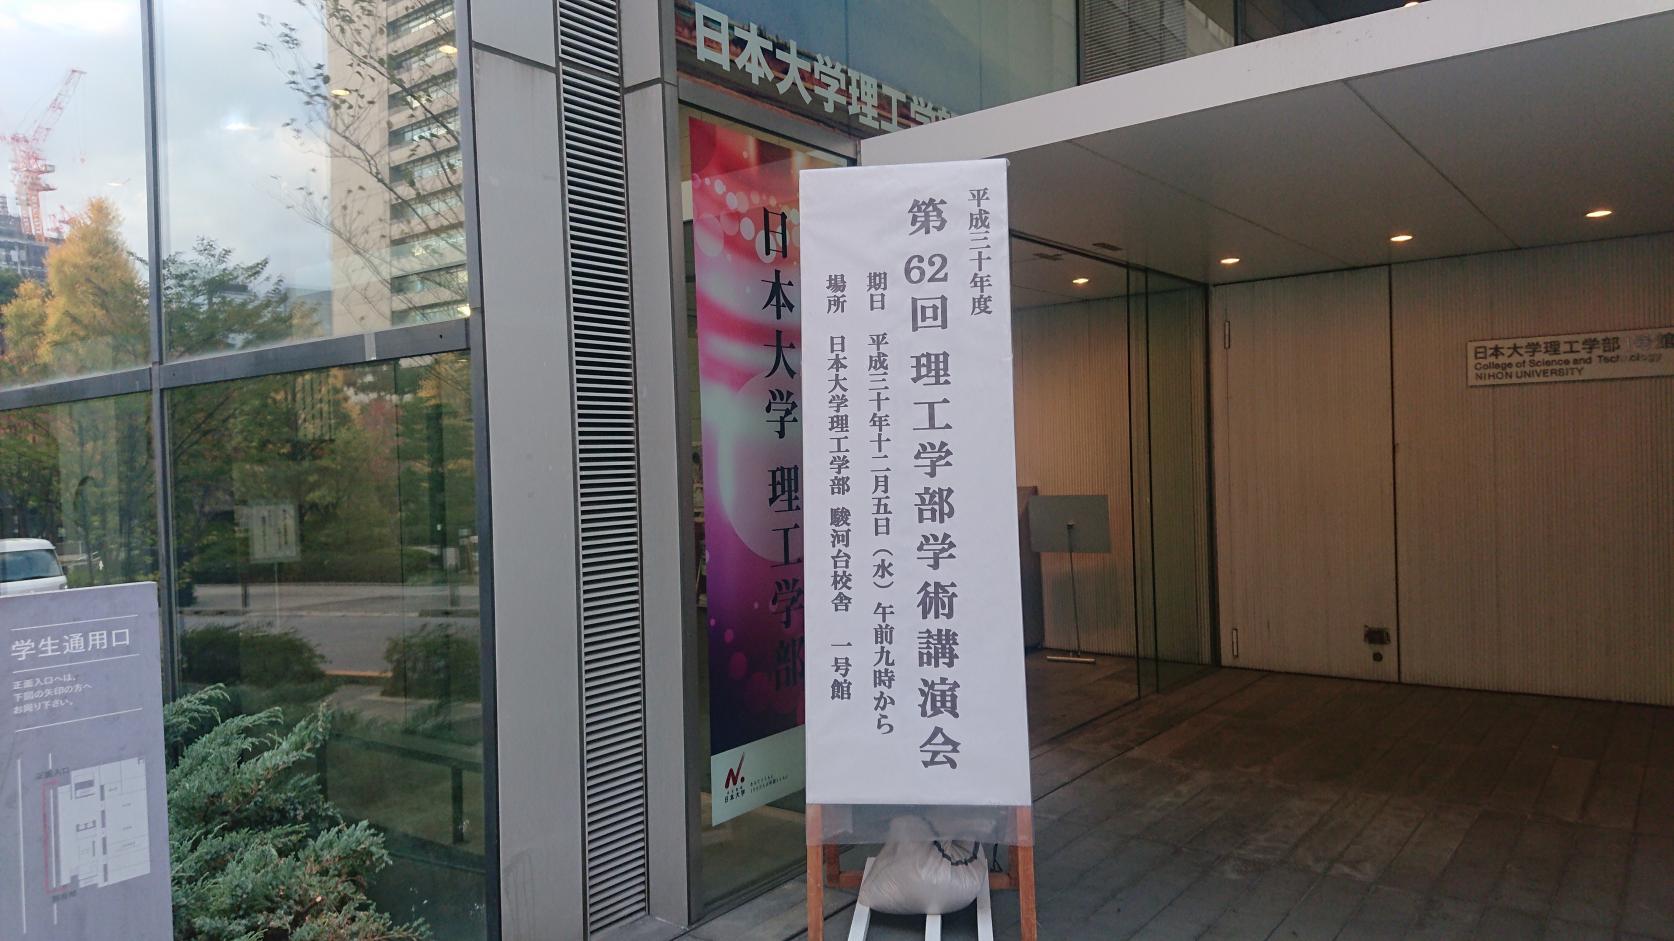 第62回 理工学部学術講演会が開催されました。